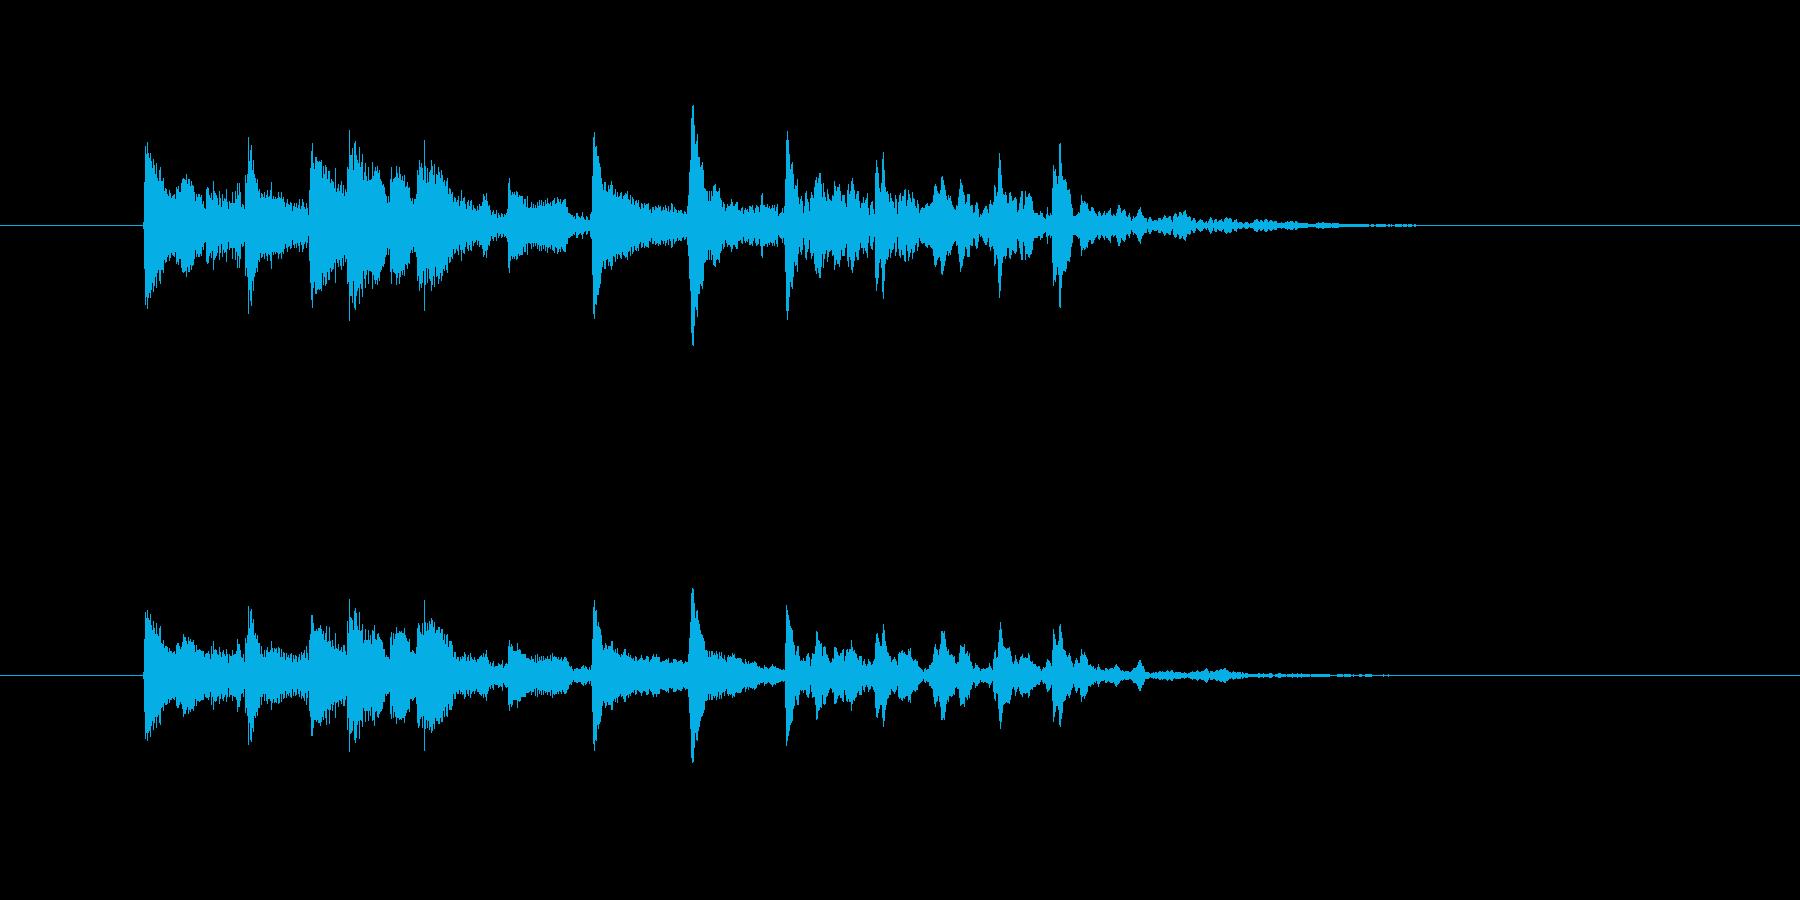 チャラララタンタン(弦楽器、場面転換)の再生済みの波形